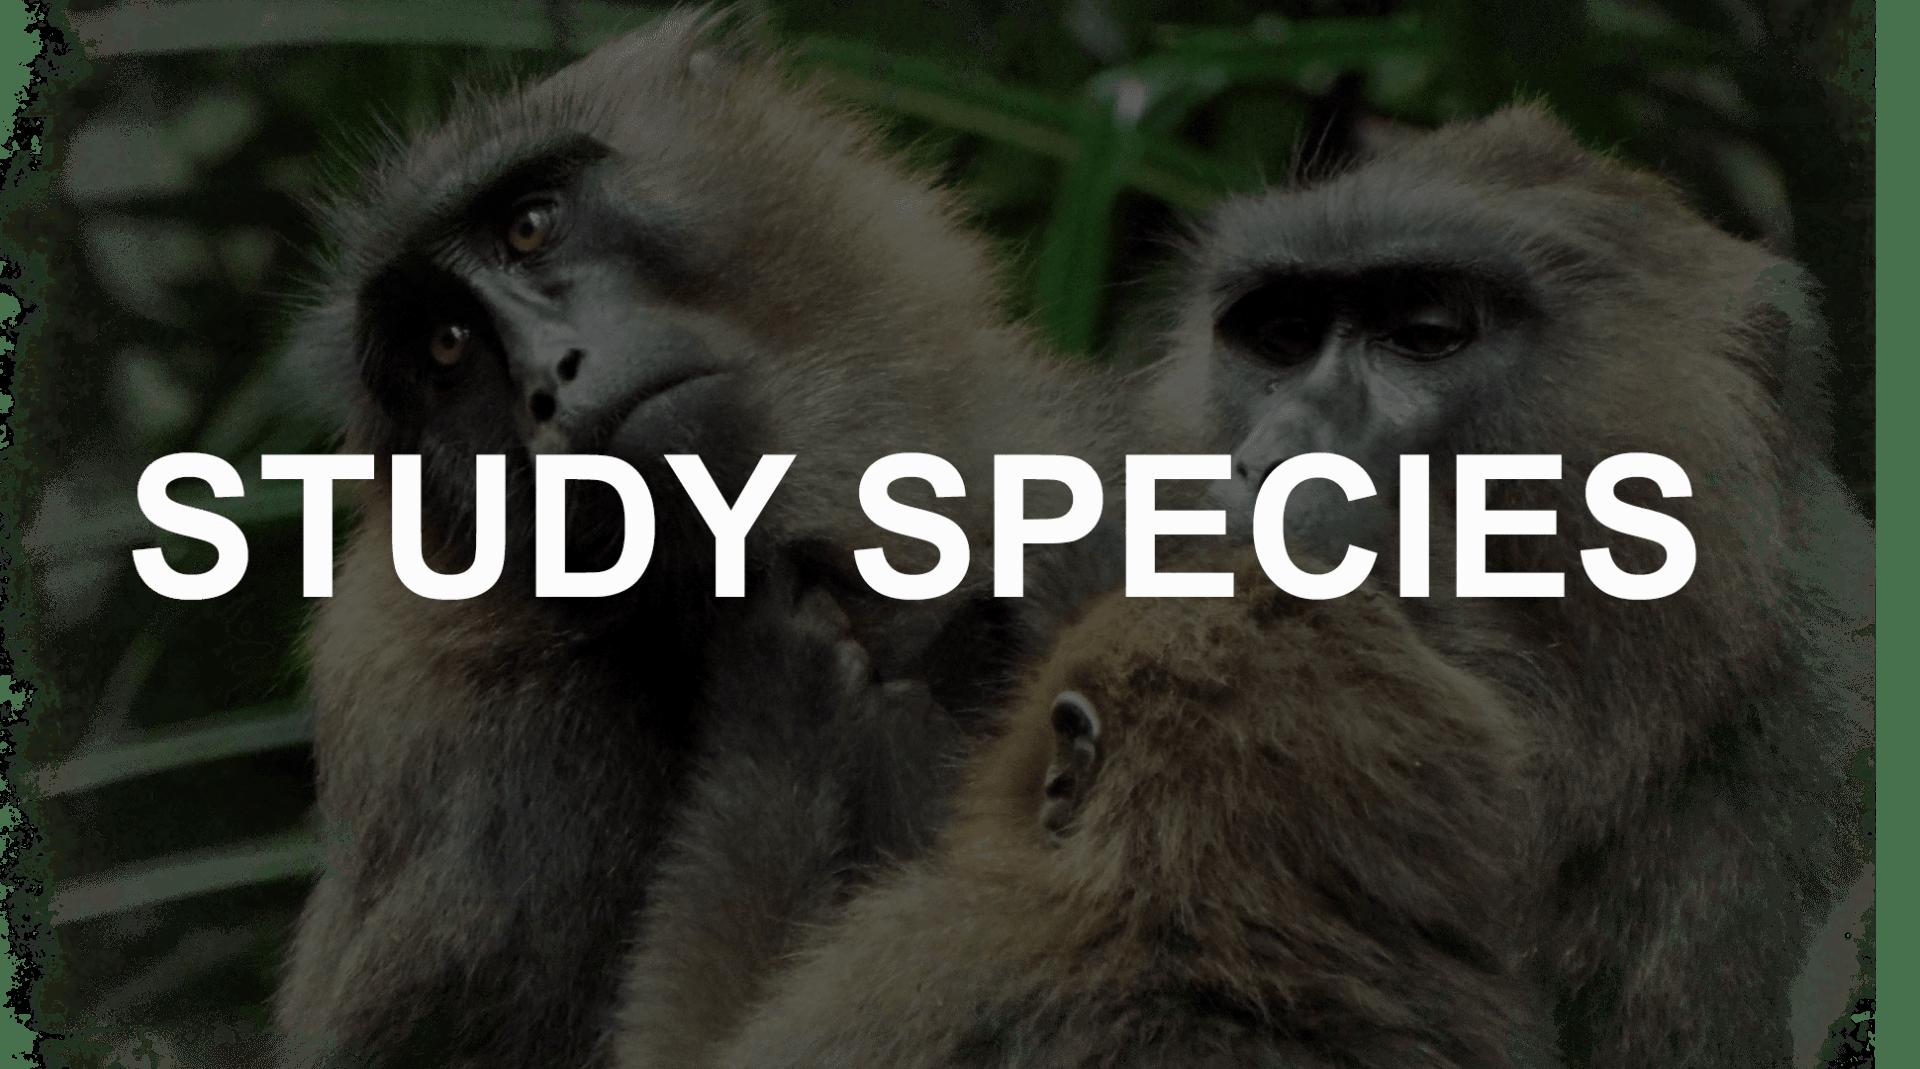 Study species